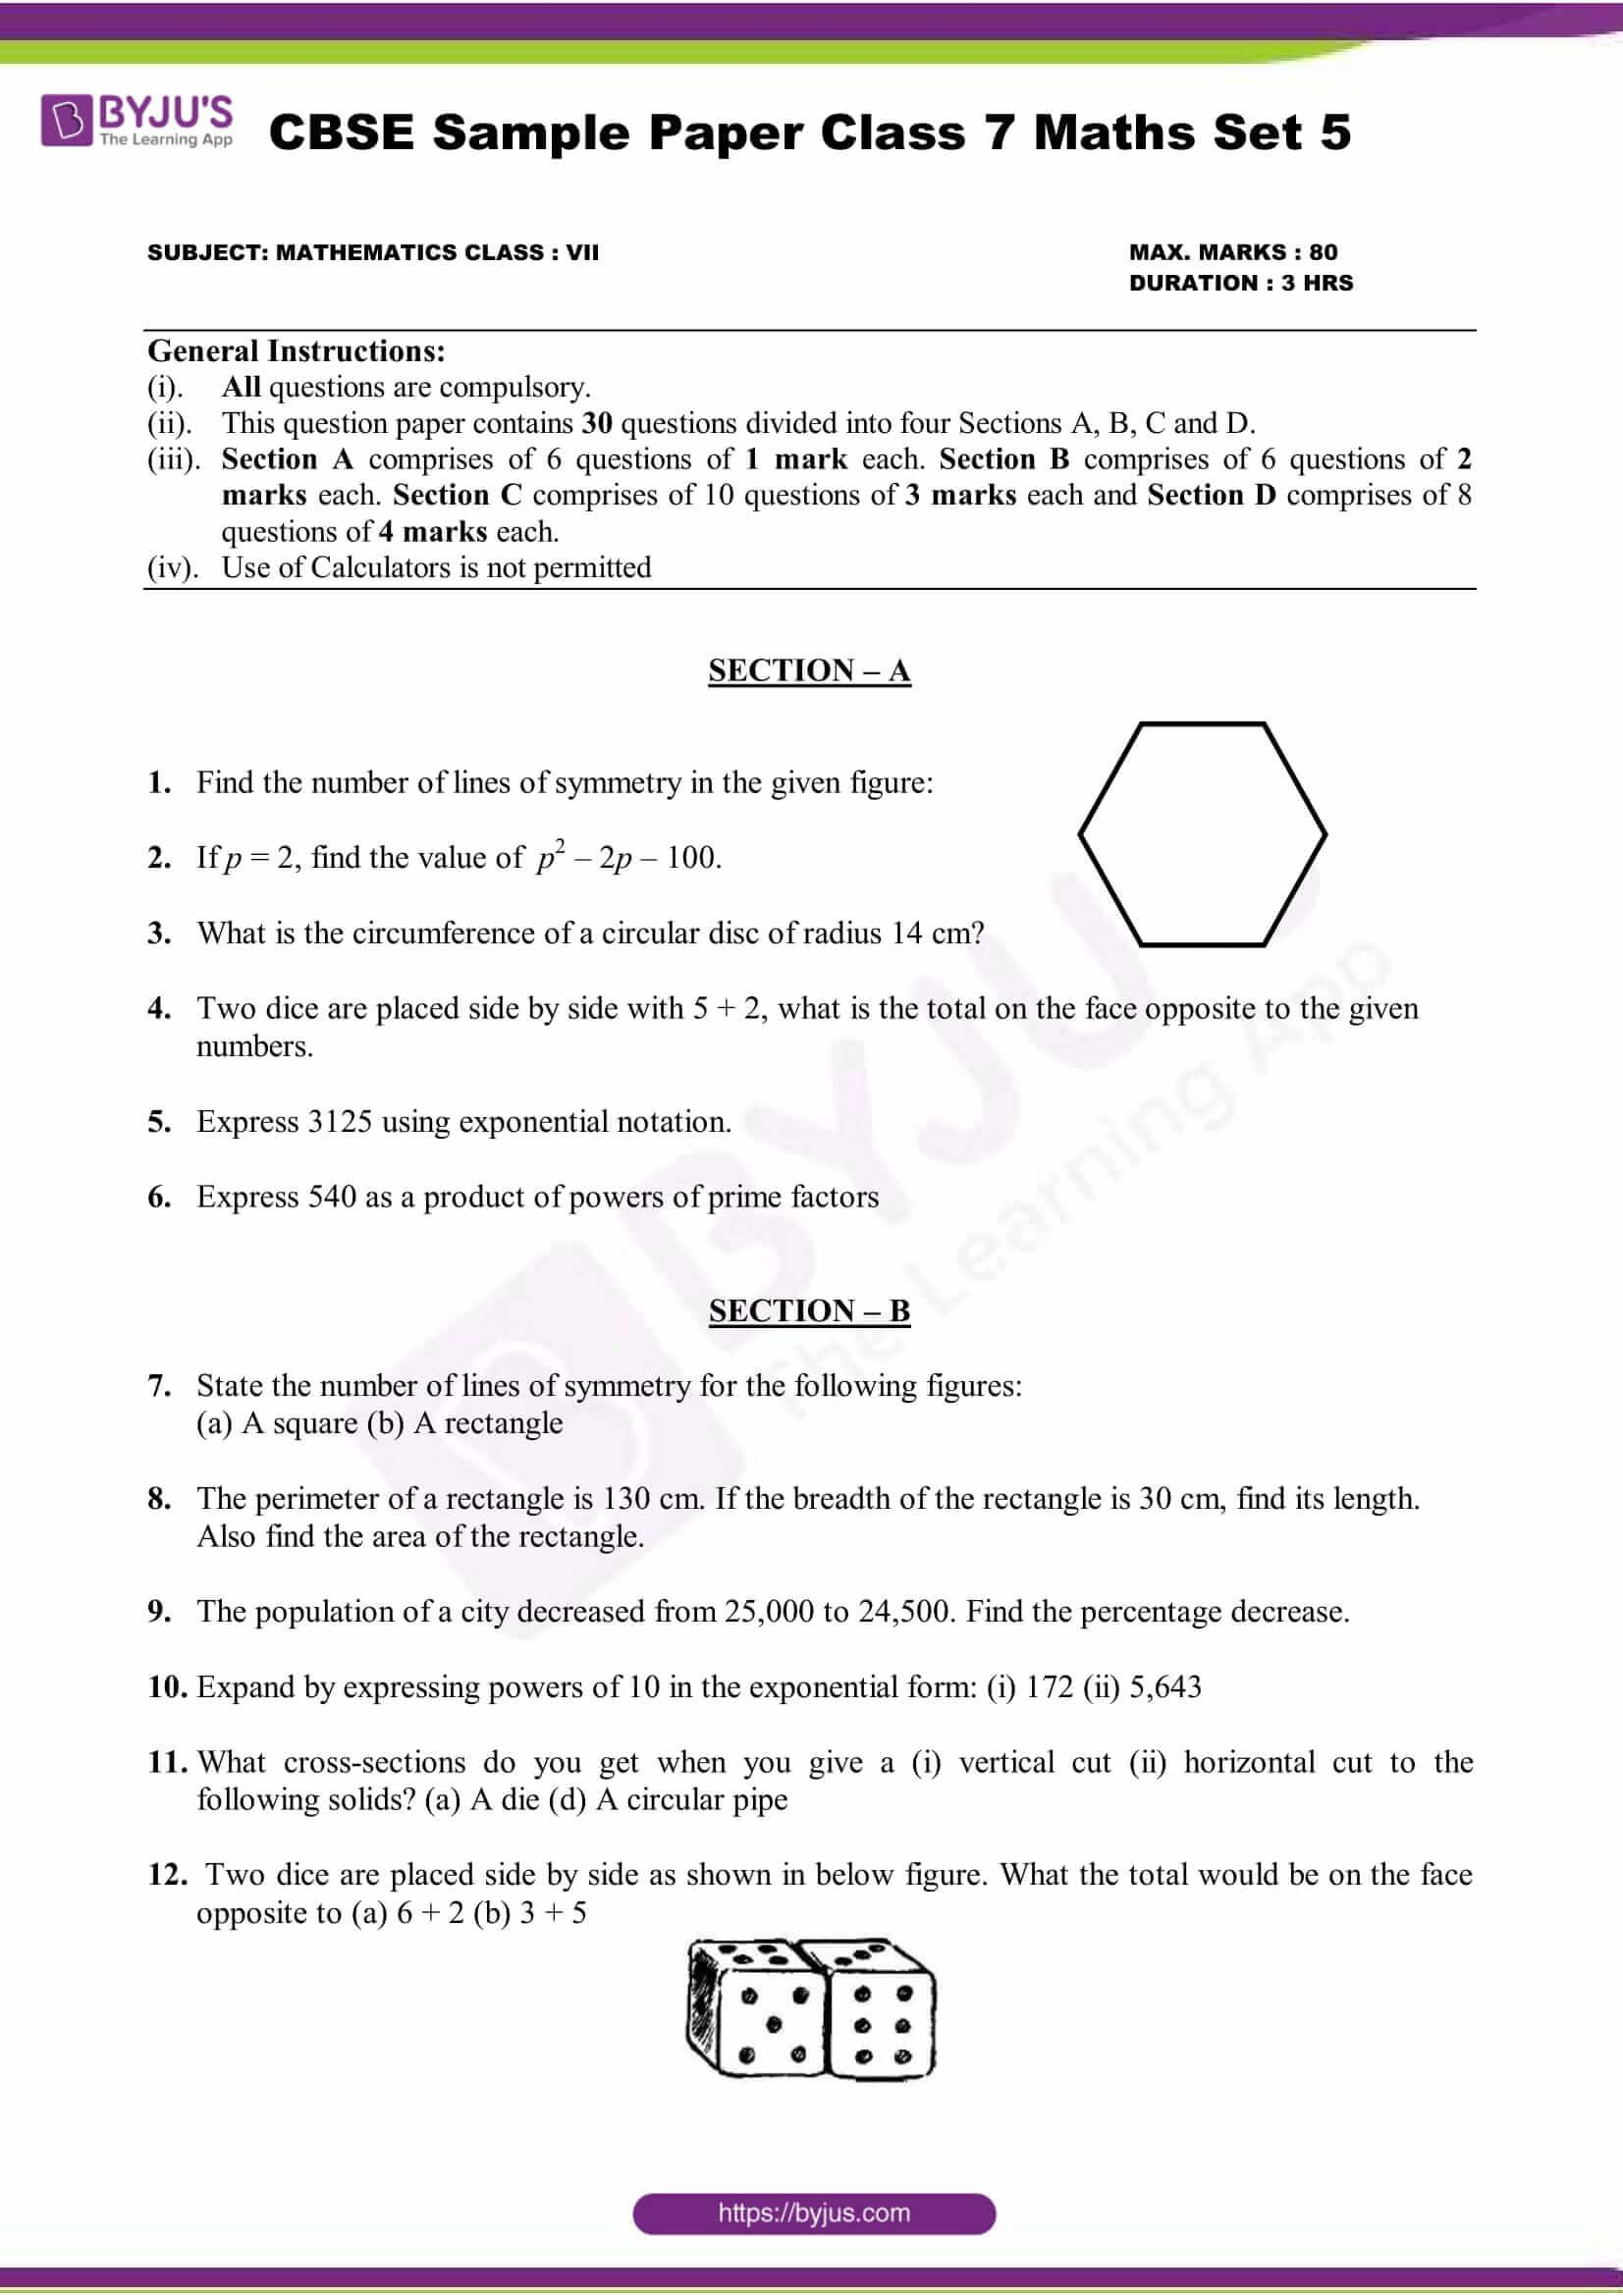 Download Cbse Class 7 Maths Sample Paper Set 5